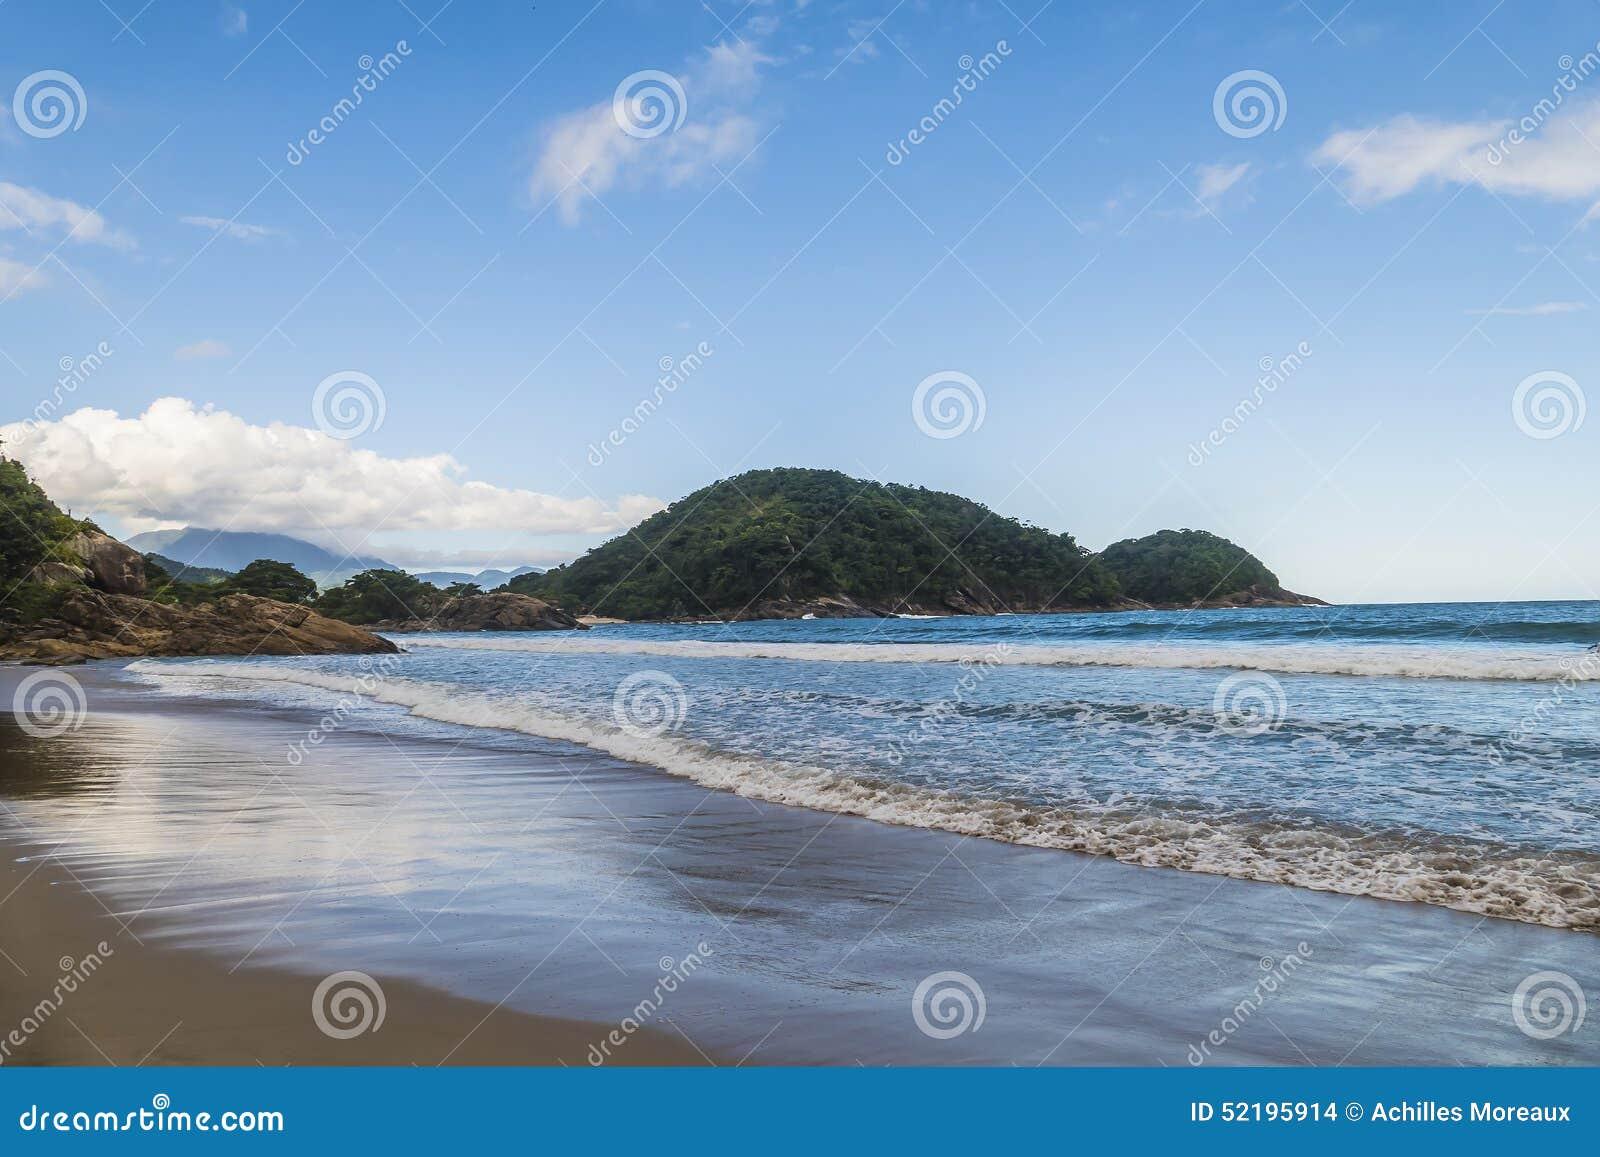 Cachadaco Beach in Brazil